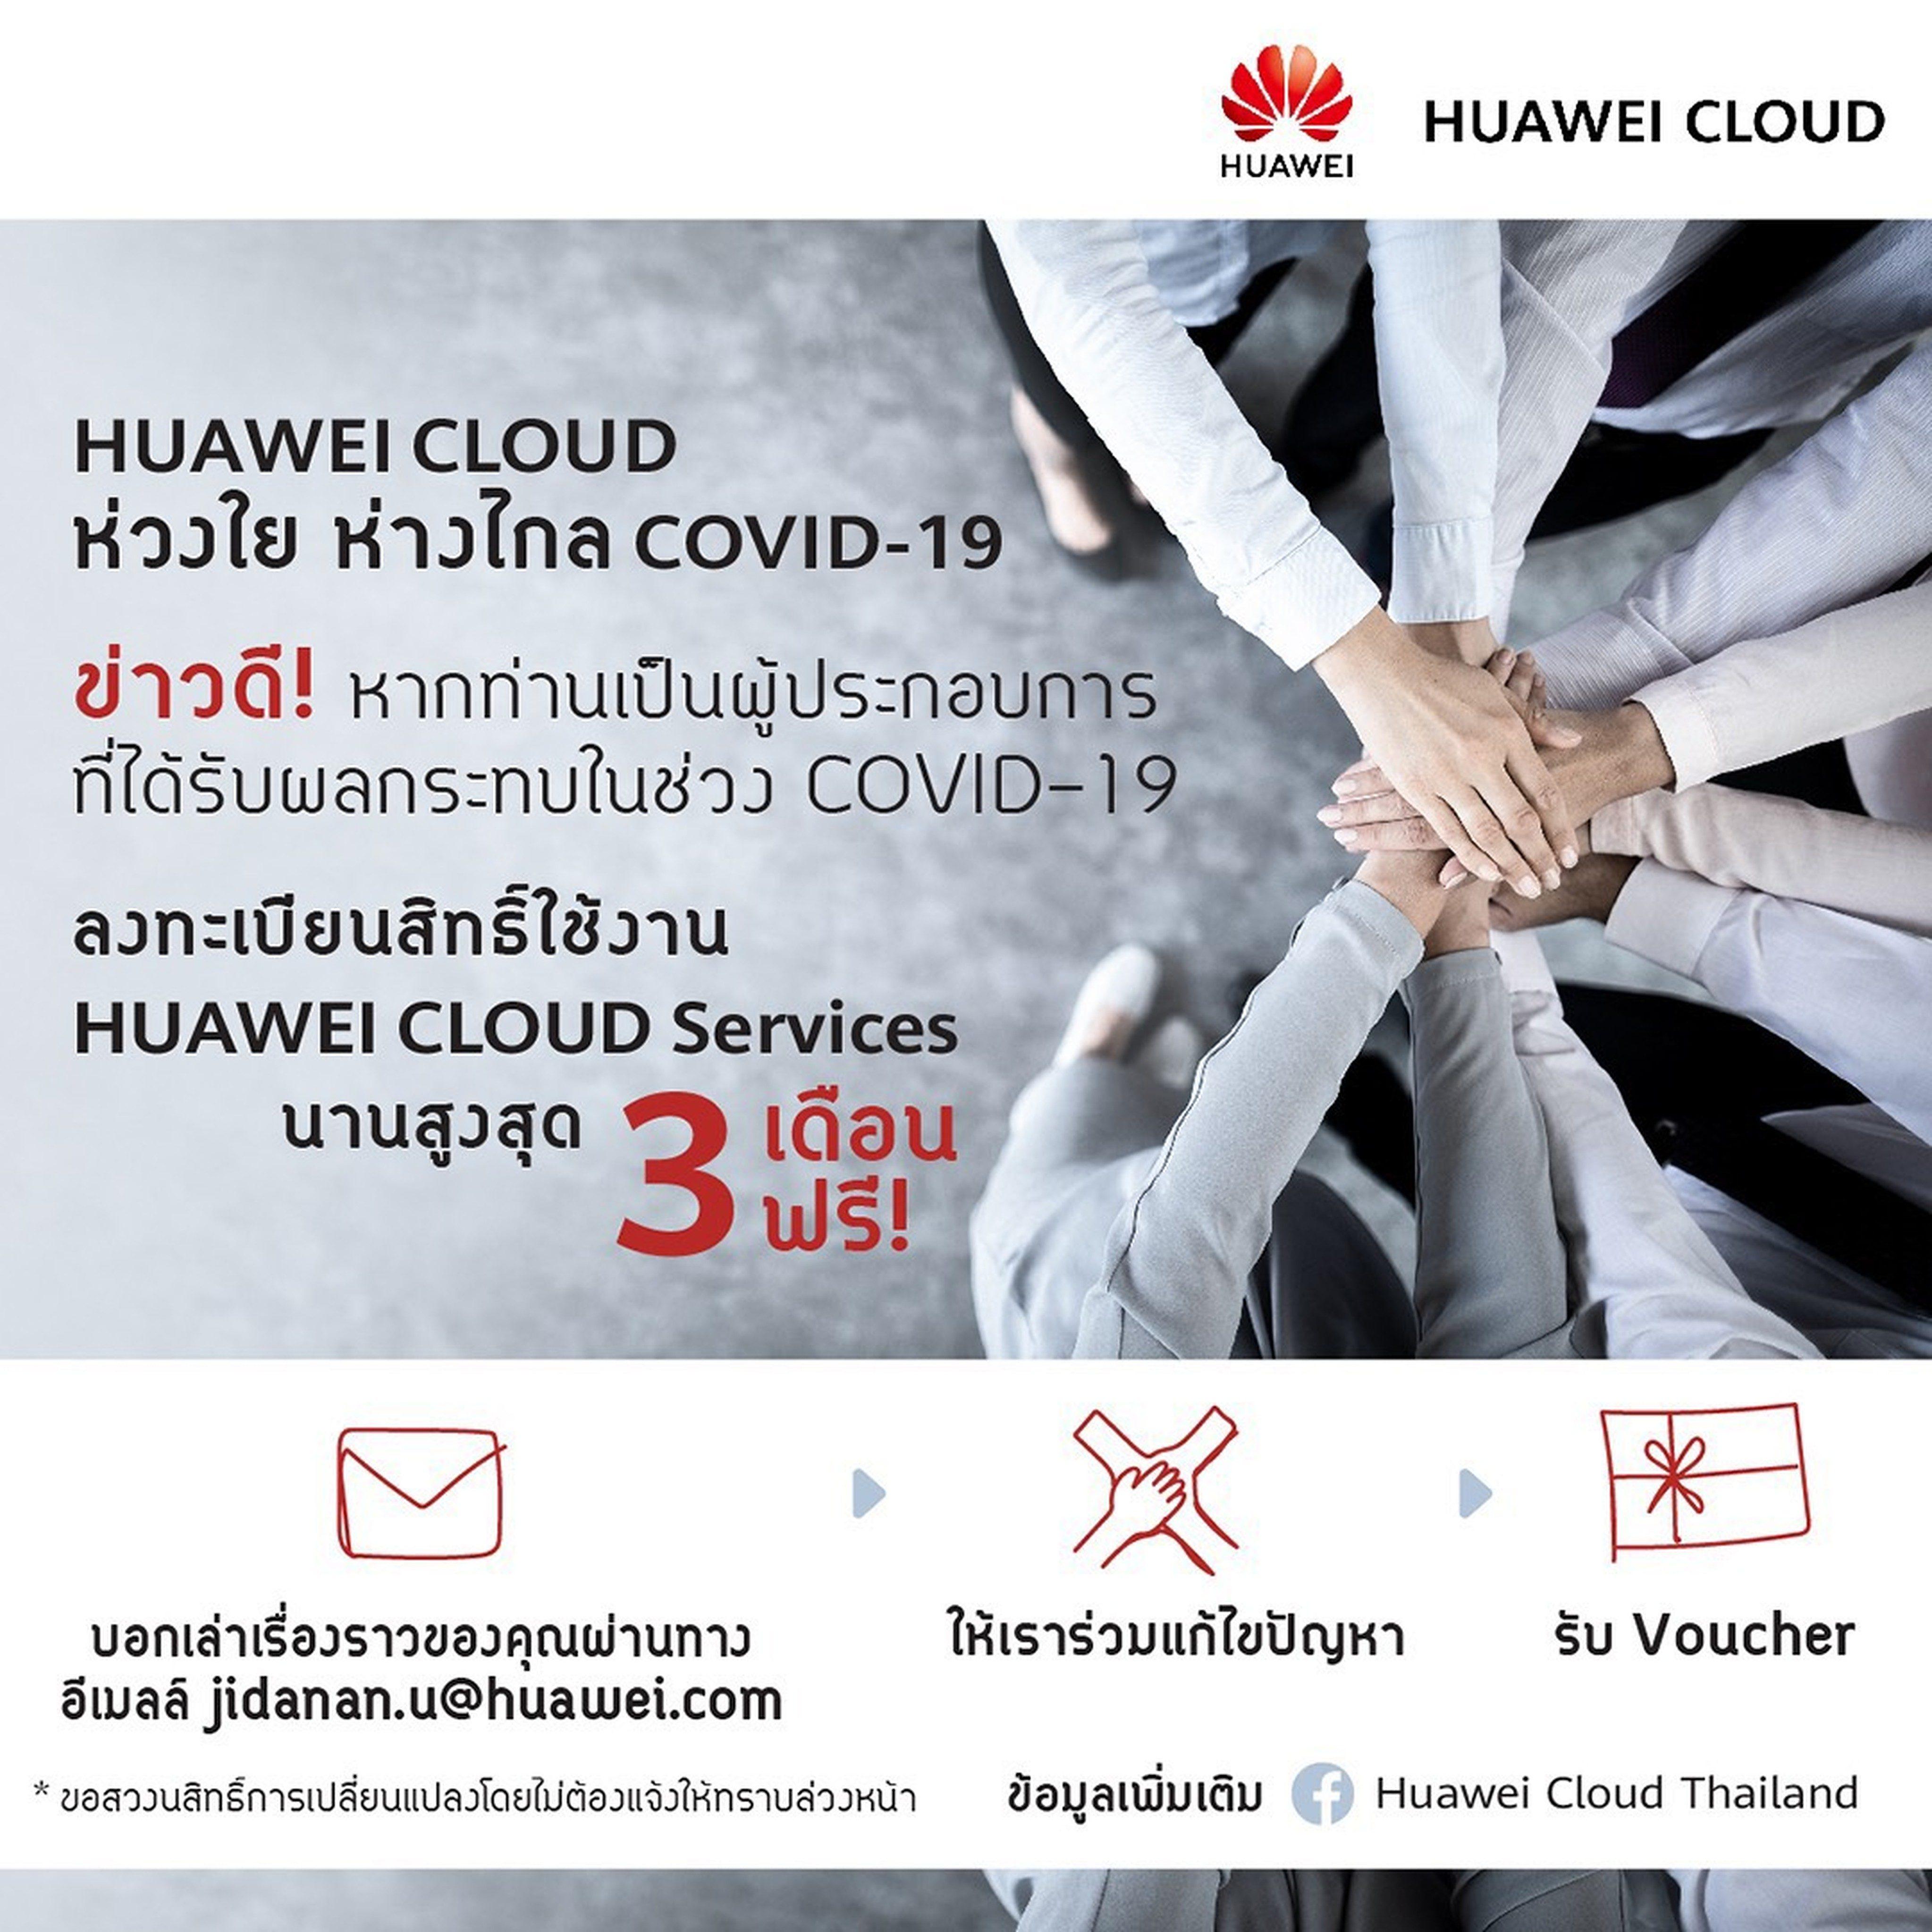 หนุนภาคธุรกิจไทยสู้วิกฤตโควิด-19 ให้องค์กรไทยใช้ HUAWEI CLOUD ฟรี